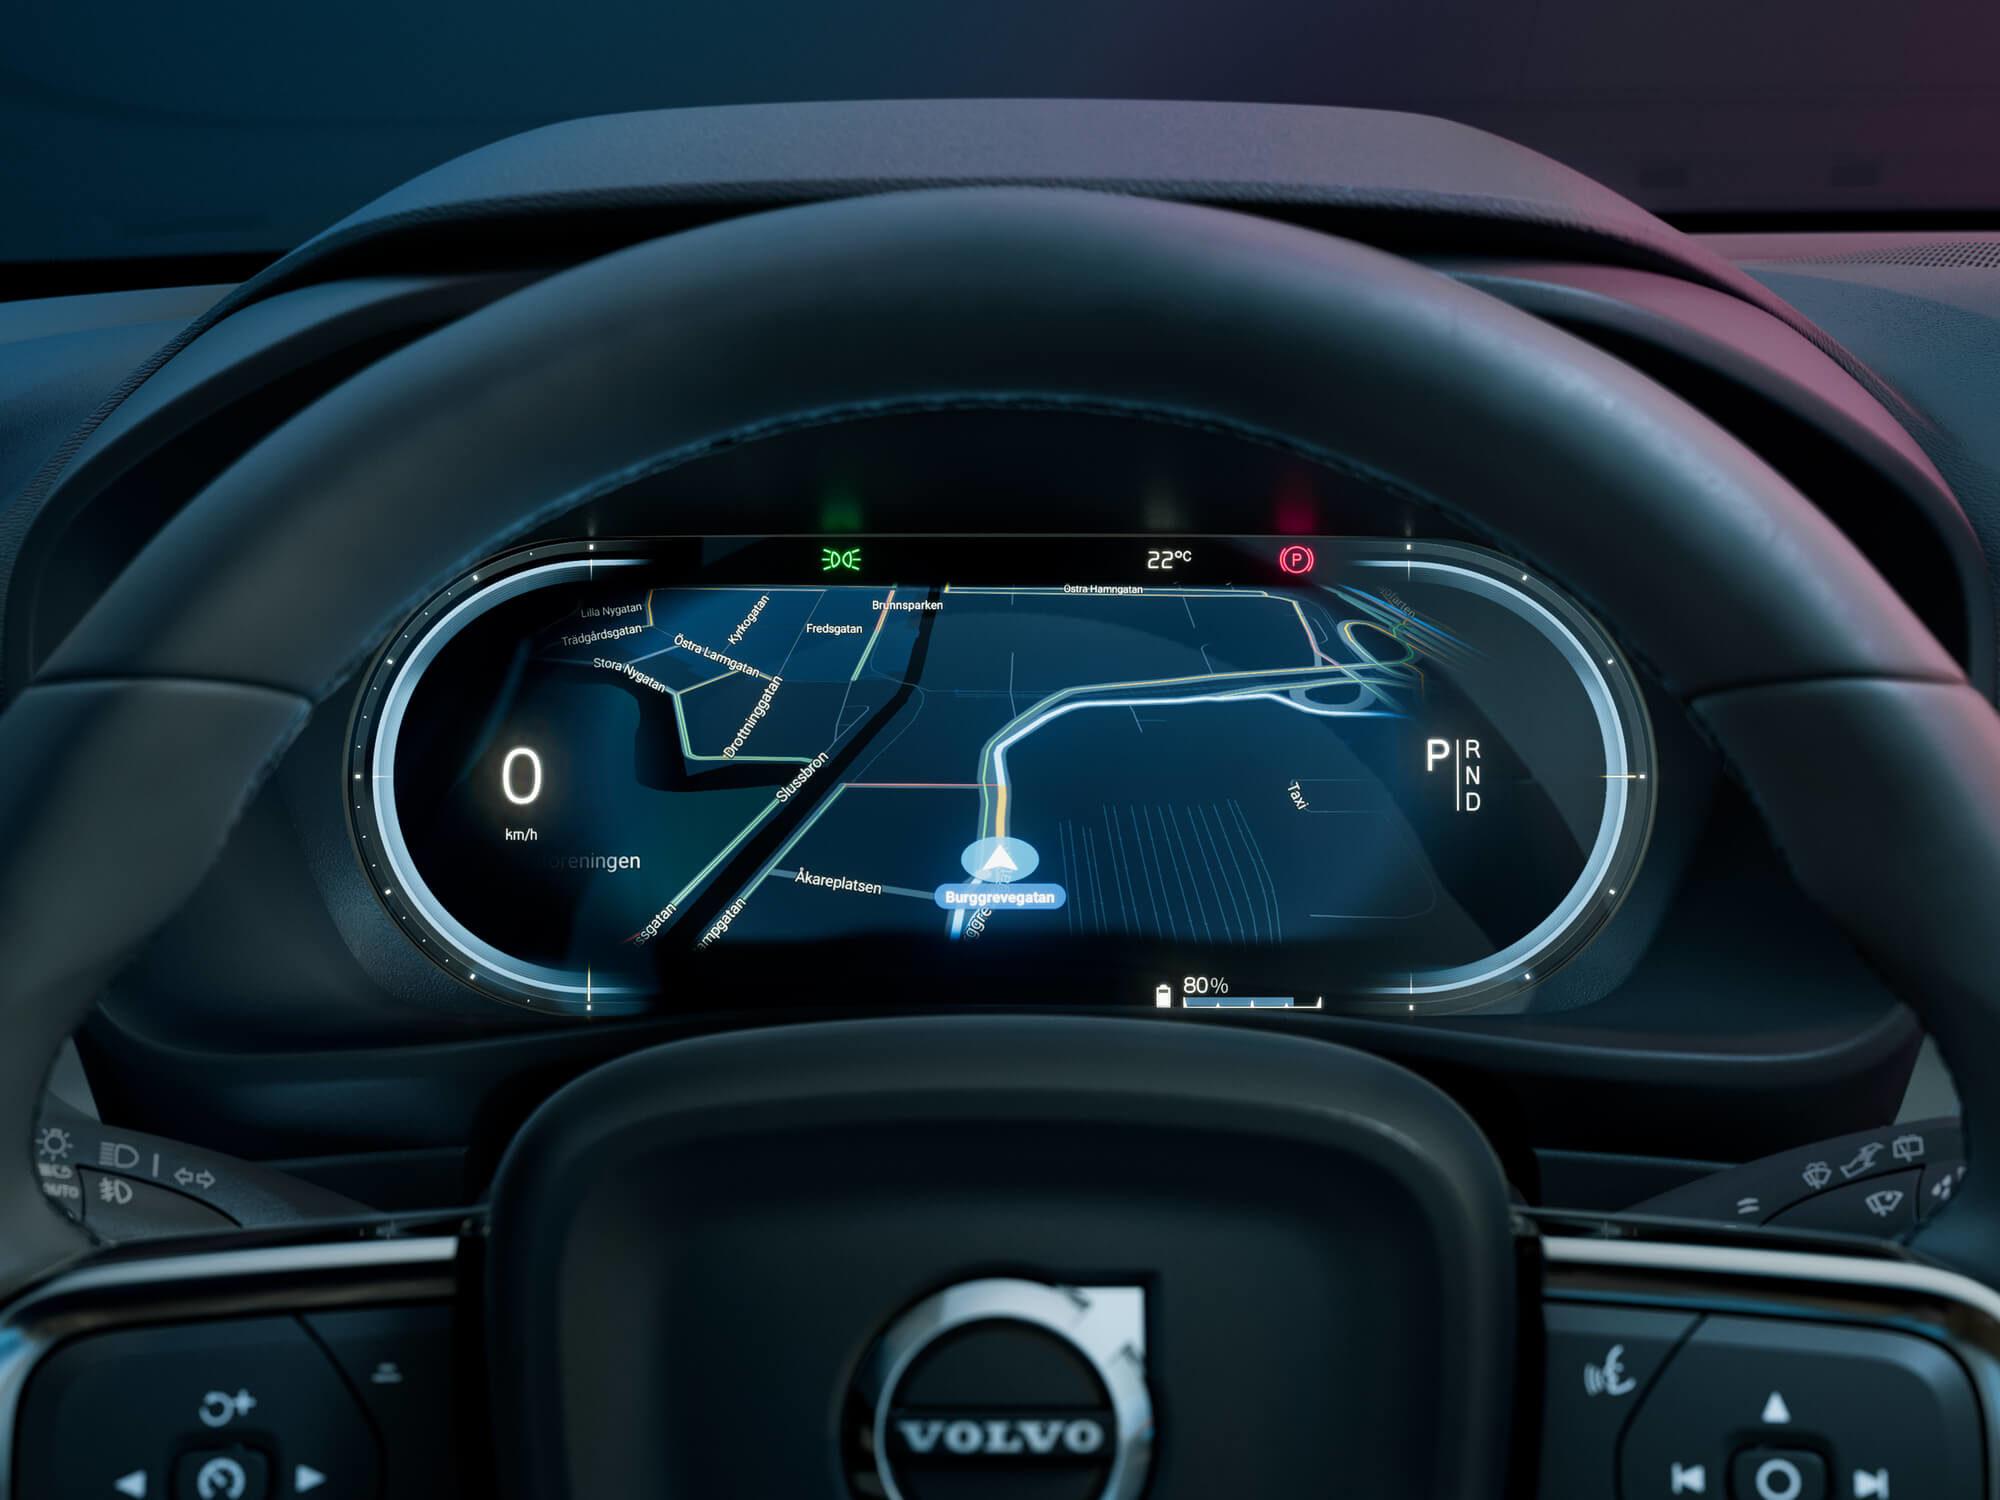 Volvo C40 bestuurder dashboard